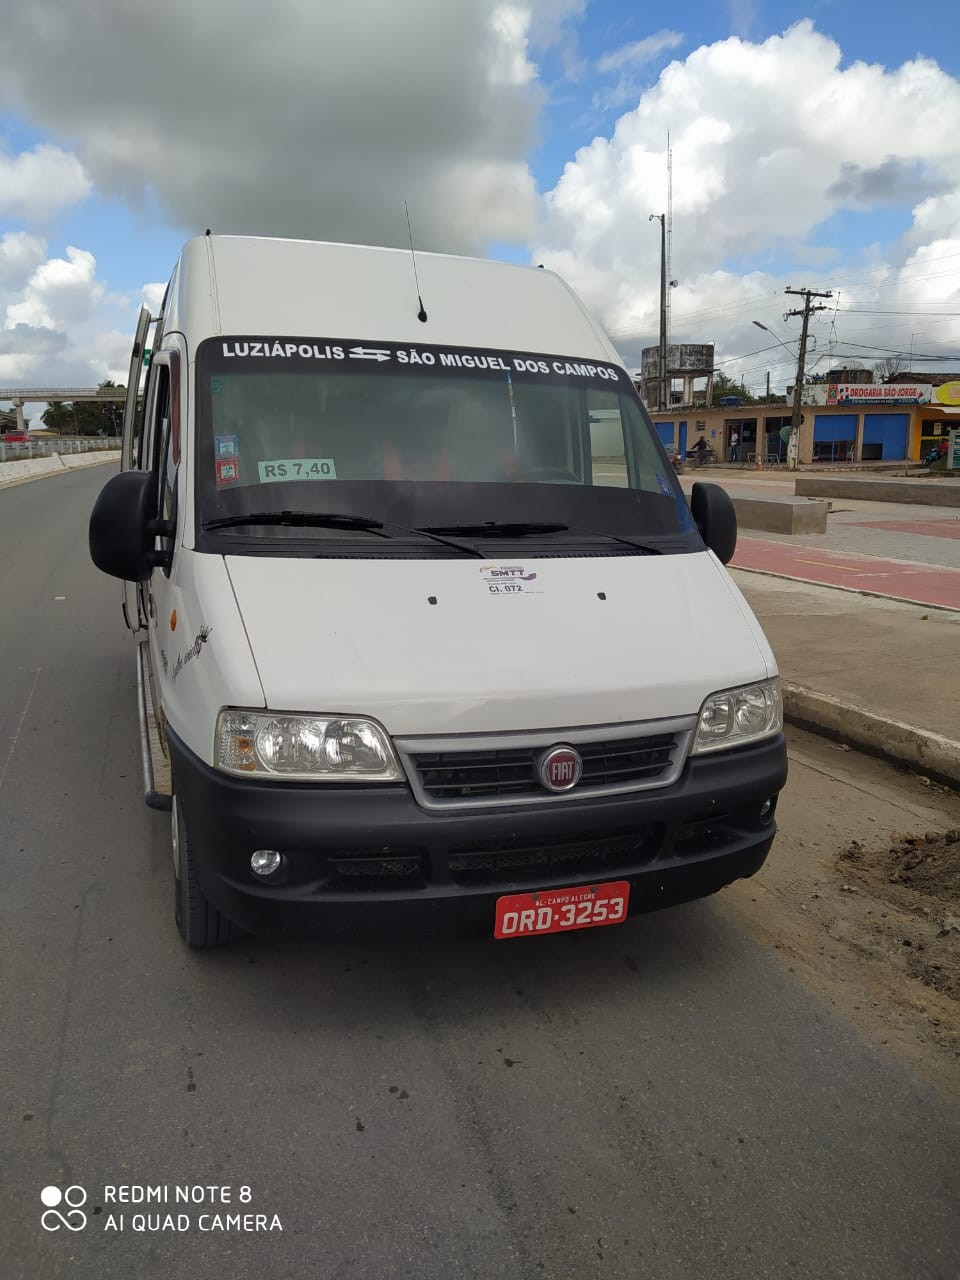 PM persegue van com passageiros pela contramão na BR-101, em Alagoas; assista